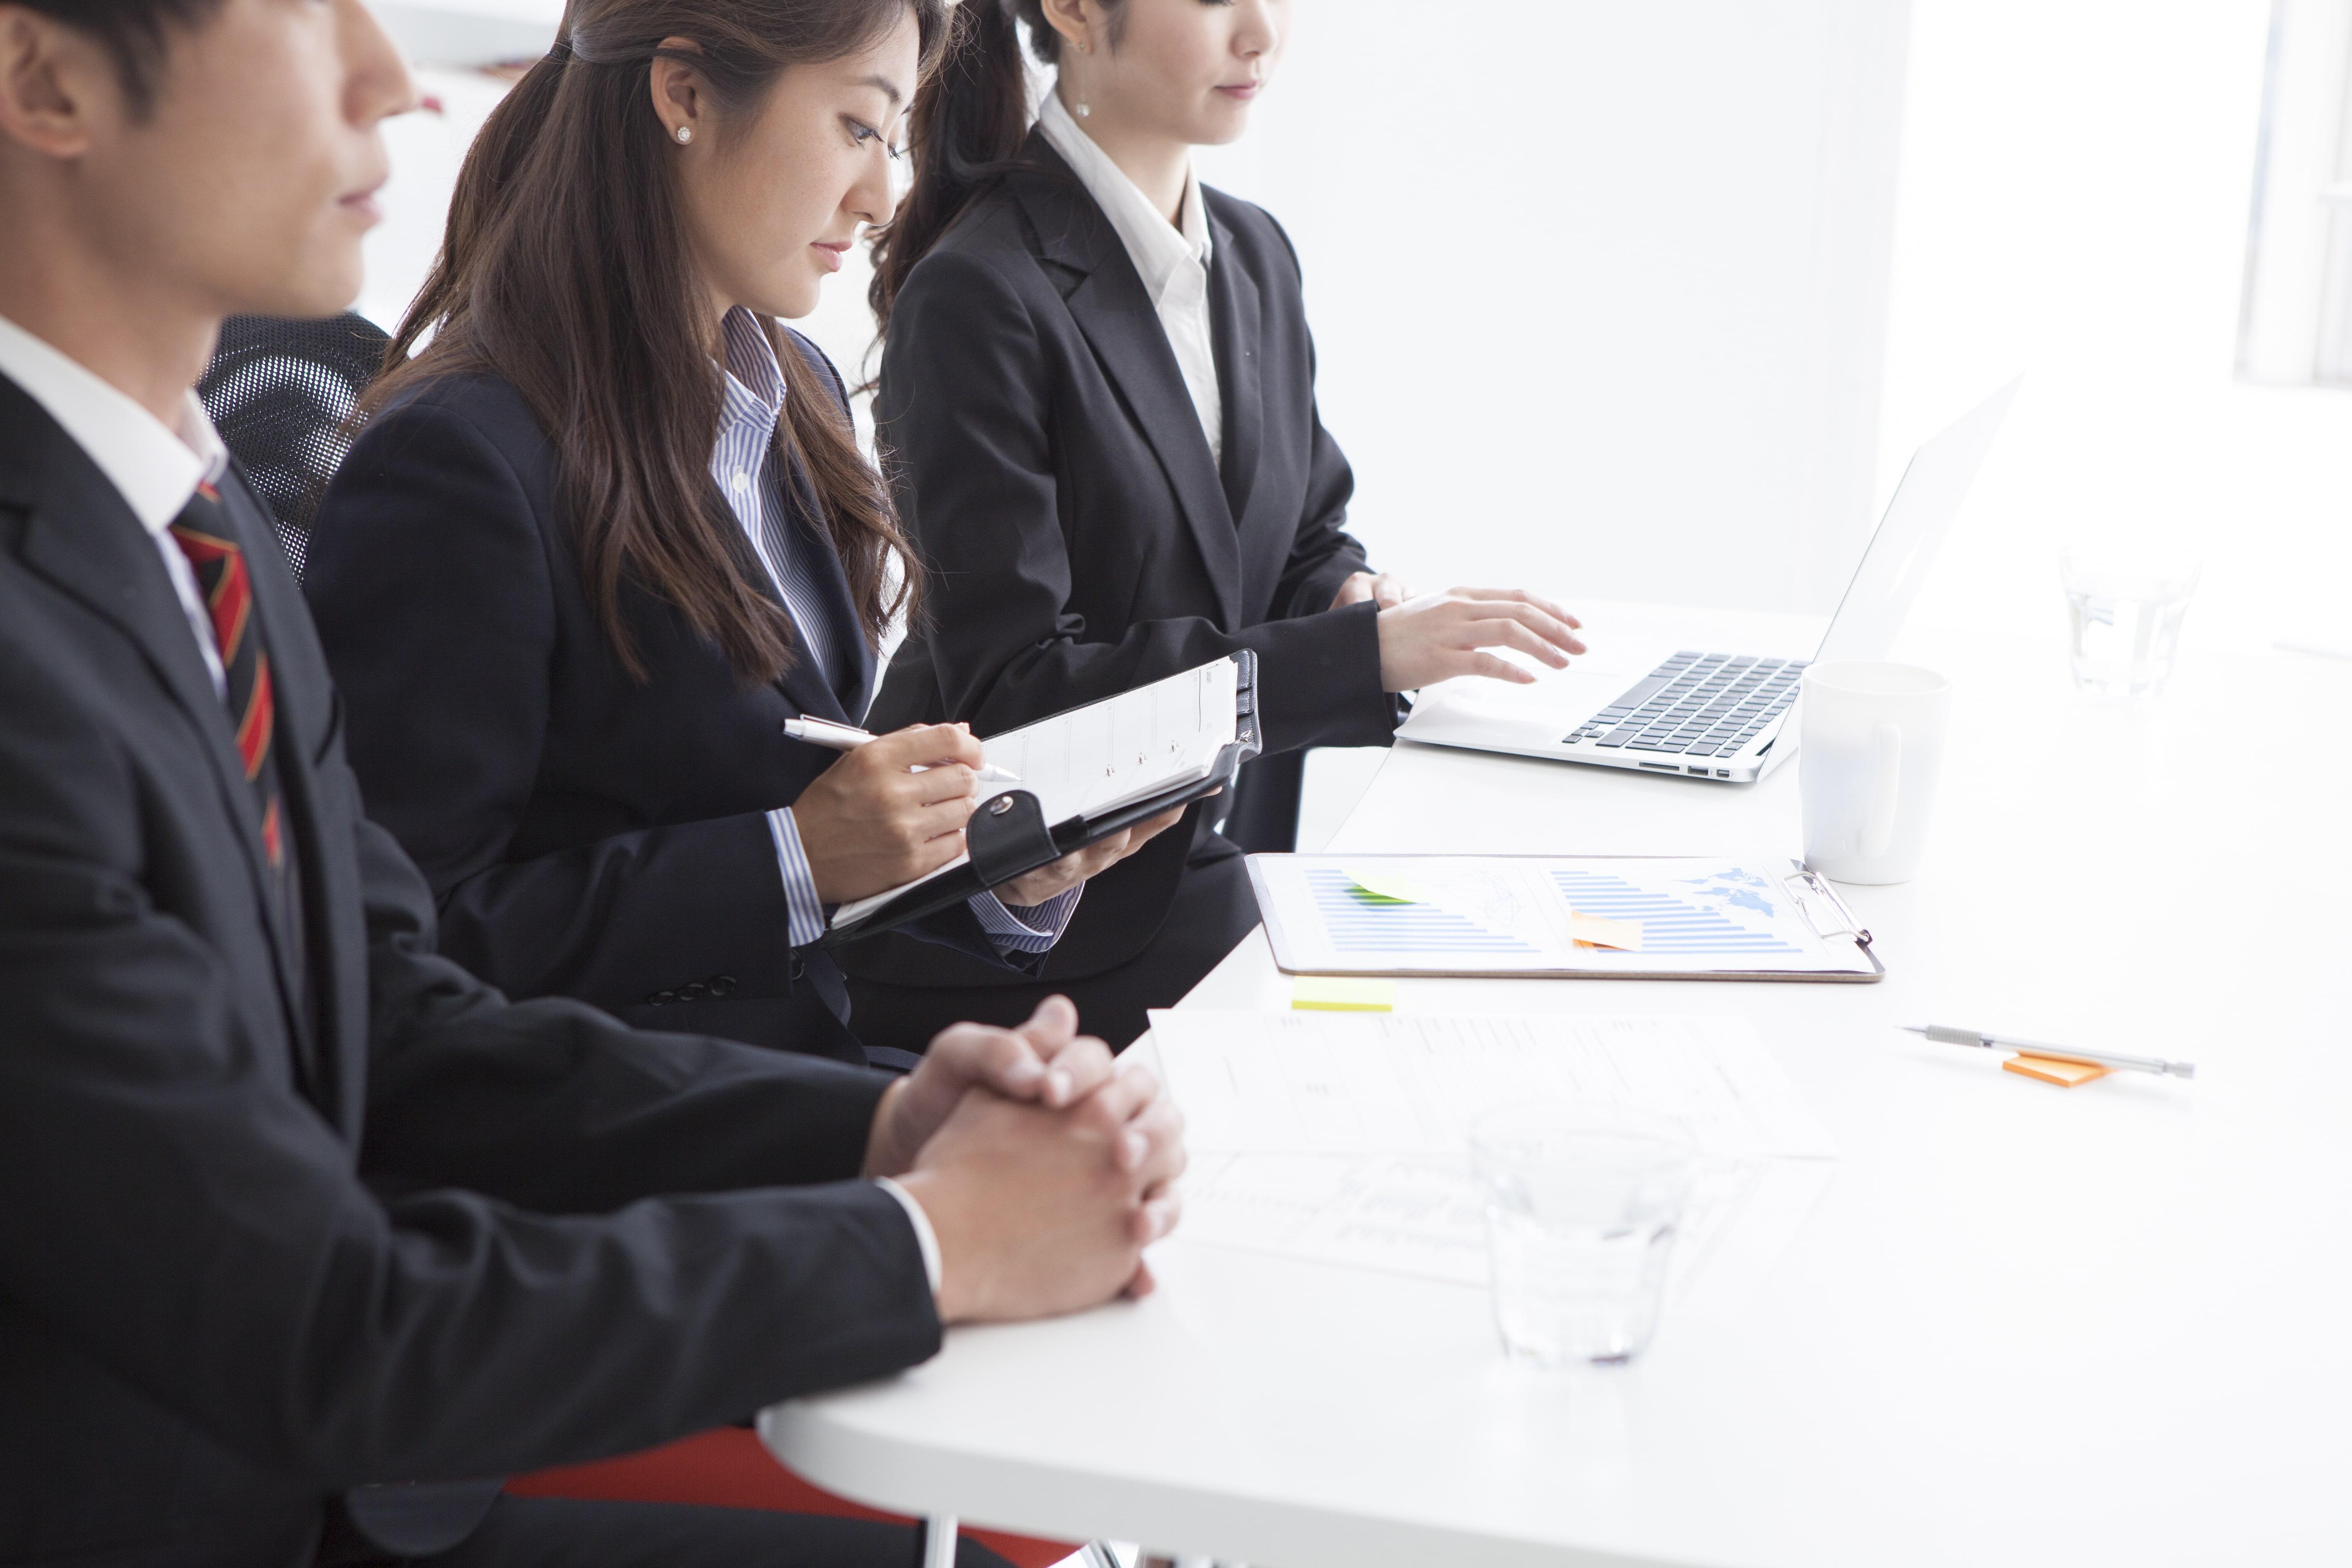 2021年卒以降の就活は短期、長期のインターンに応募から